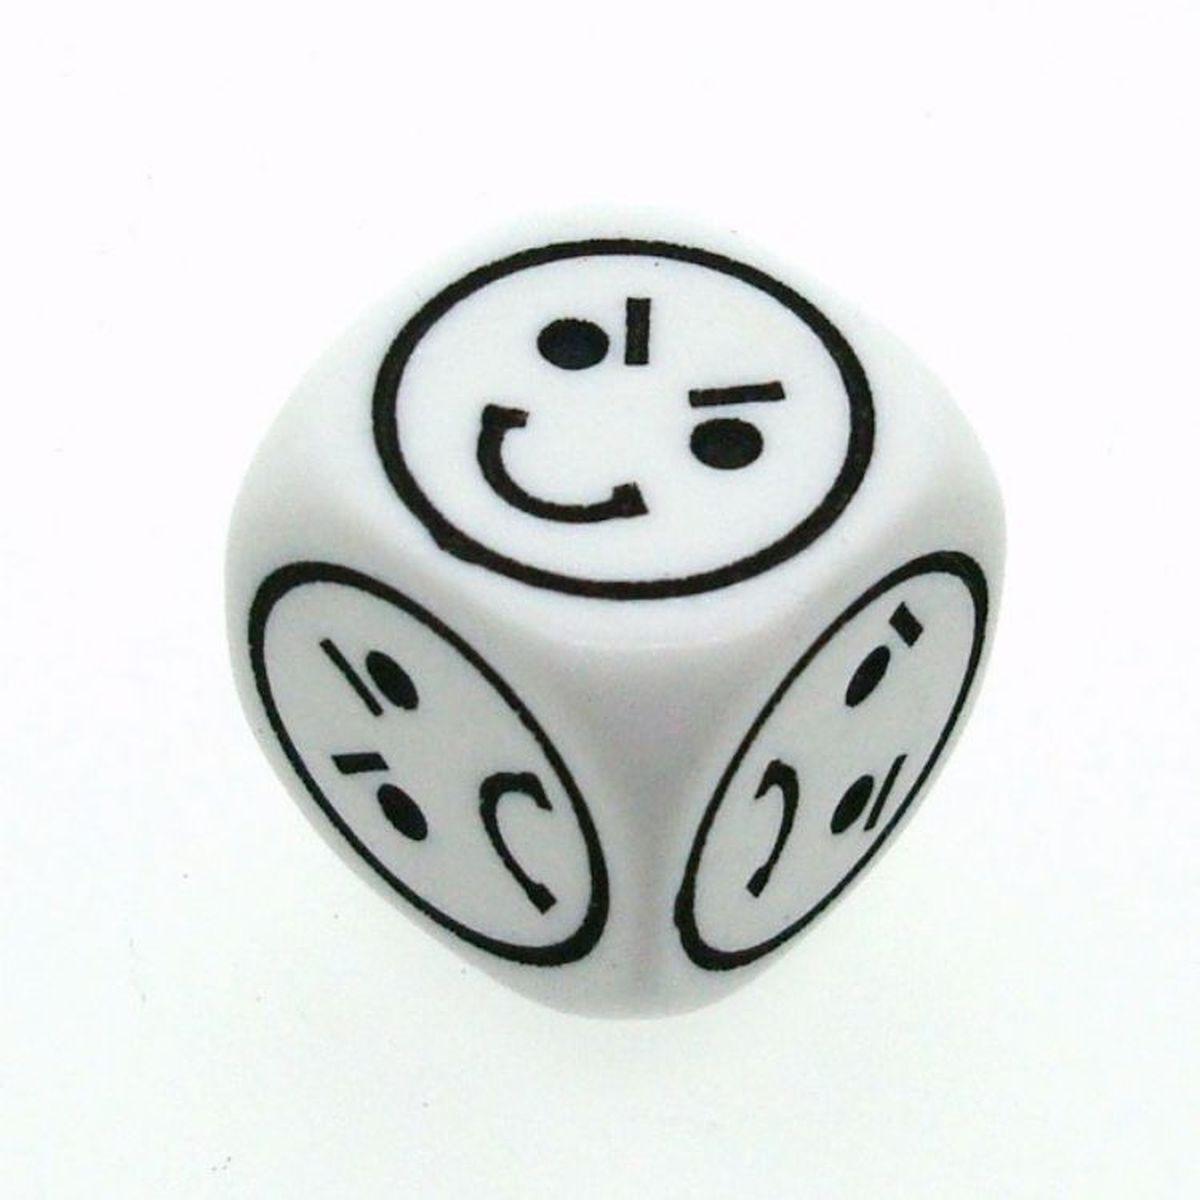 Pandoras Box Кубик для определения эмоций02CX064Если ребенок плохо выражает свои эмоции, то кубик Эмоции станет идеальным подспорьем: просто попросите малыша показать эмоцию на кубике, и он с радостью покажет на кубике соответствующее настроение.